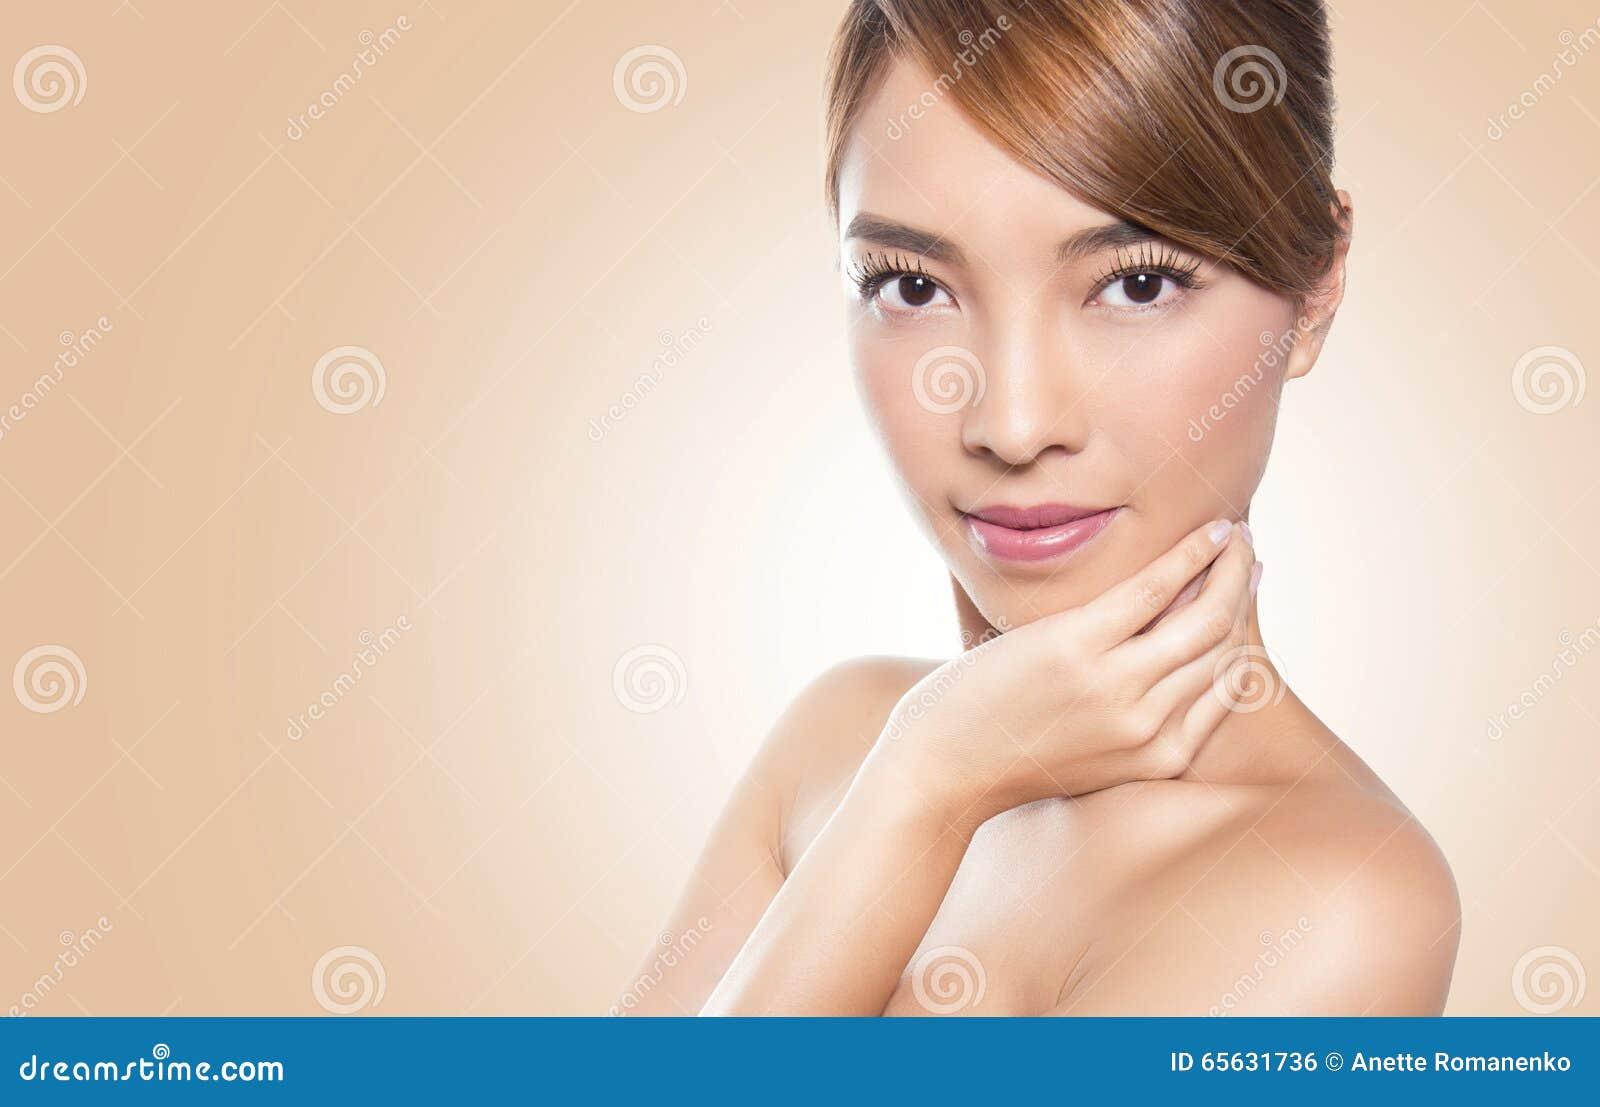 Belle jeune femme asiatique